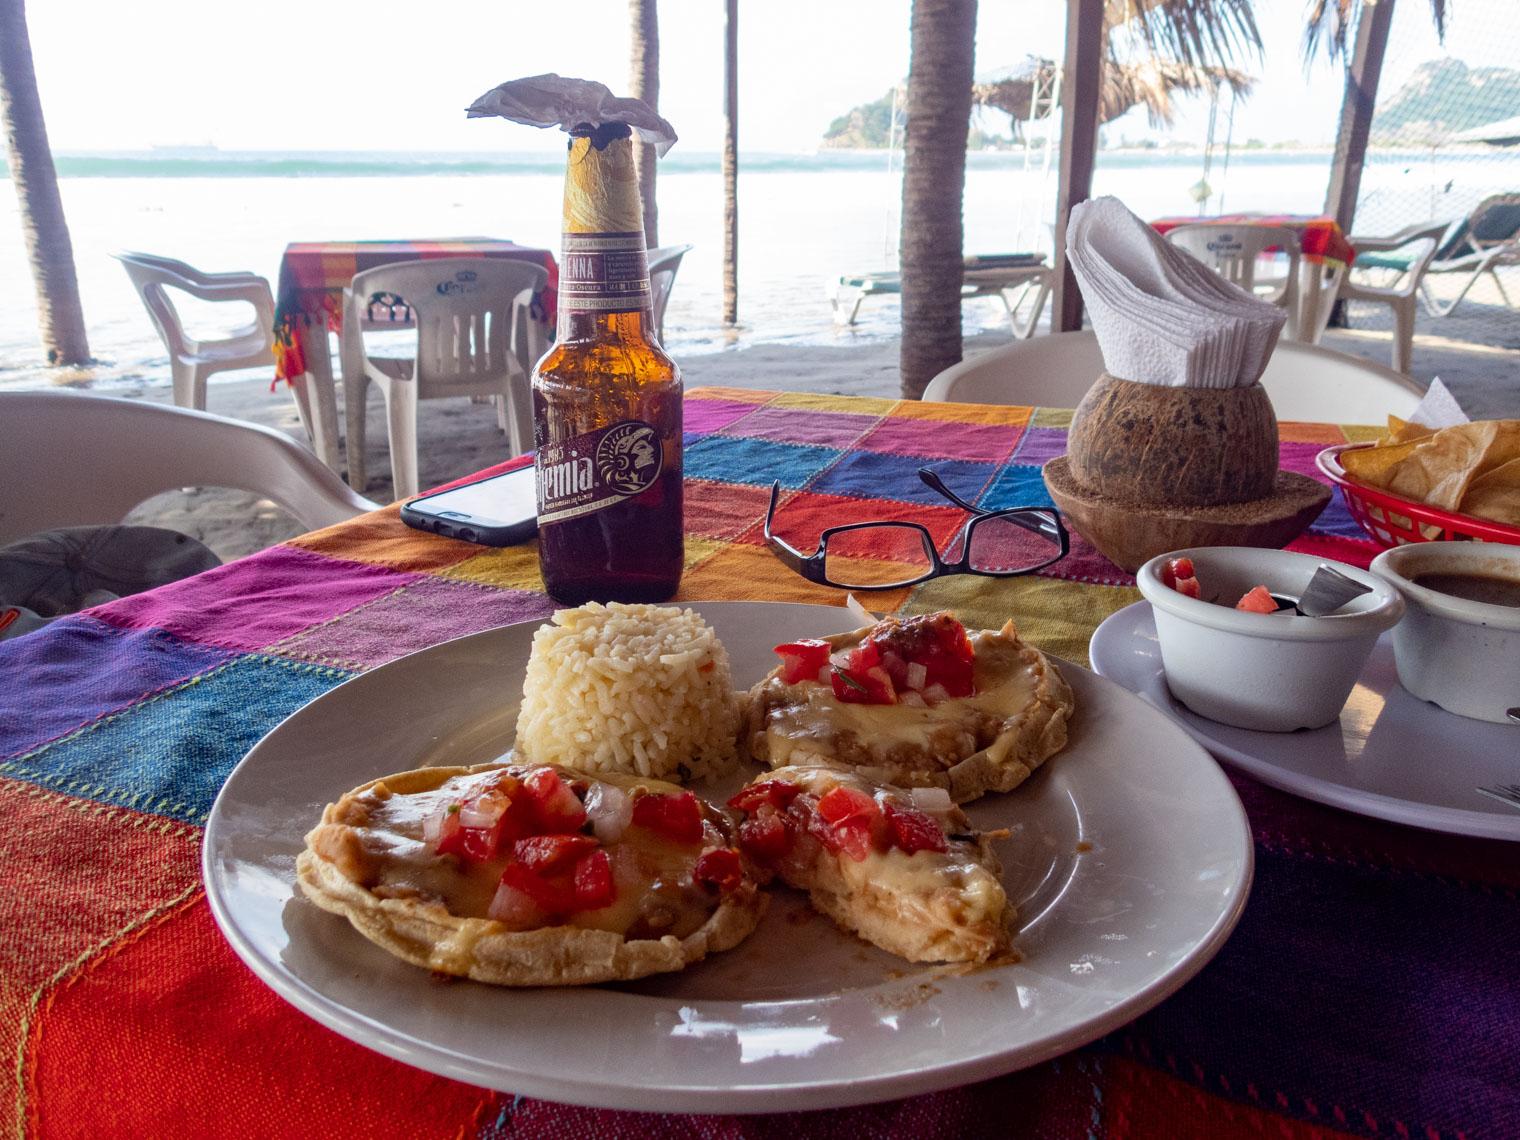 Sopes at Lety's, La Isla de la Piedra